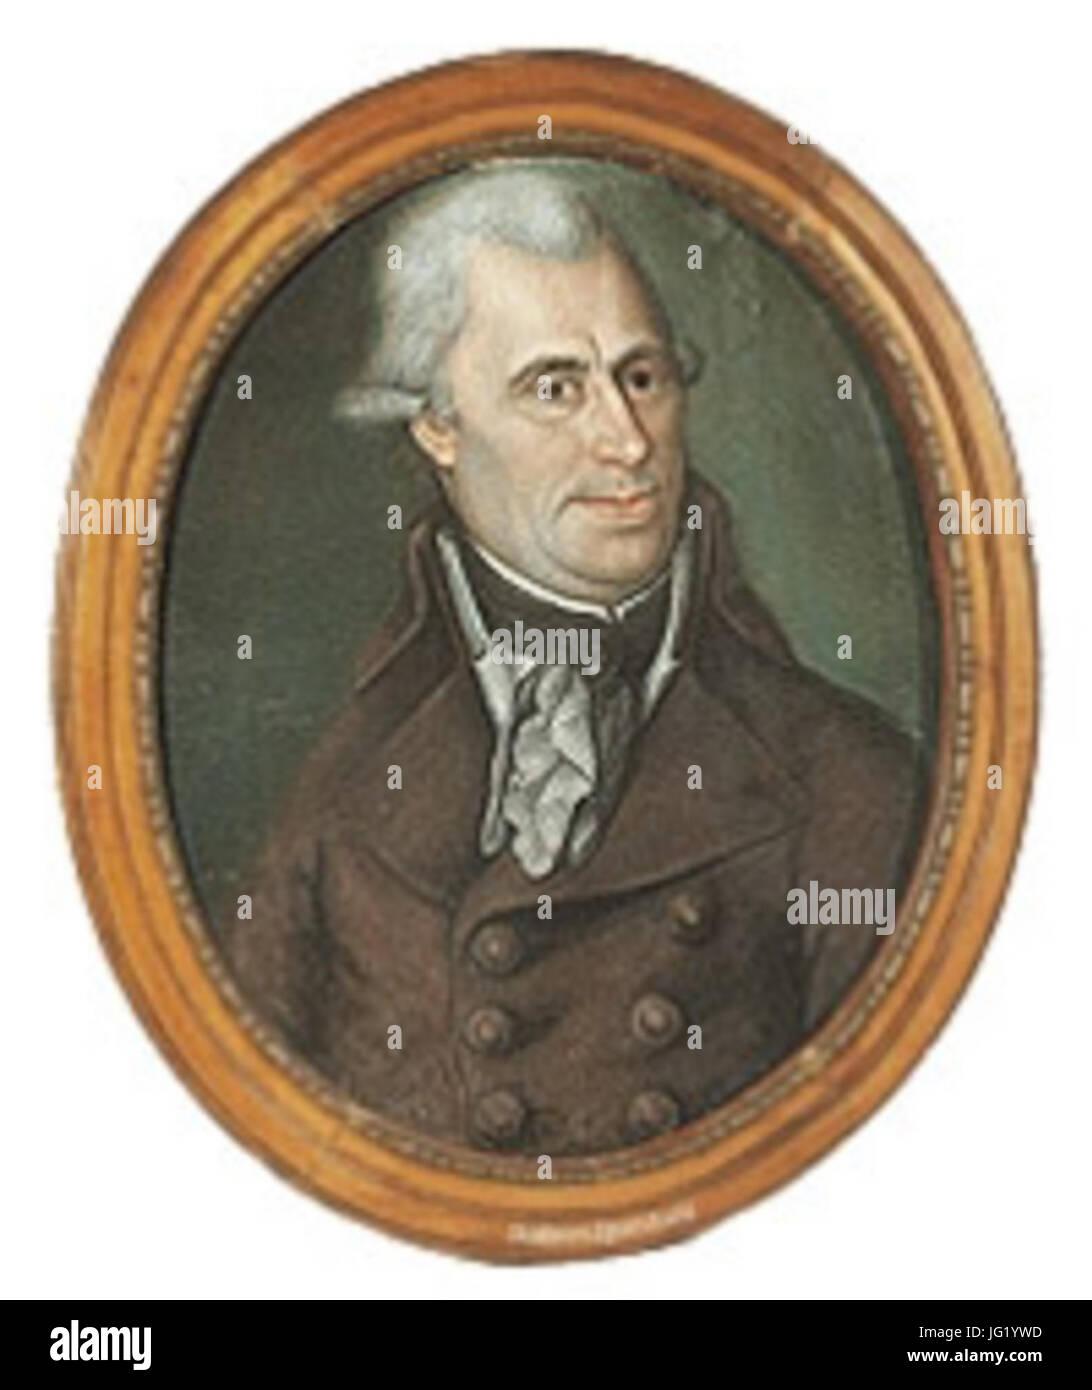 Gideon Sponholz 281745-180729 - Stock Image